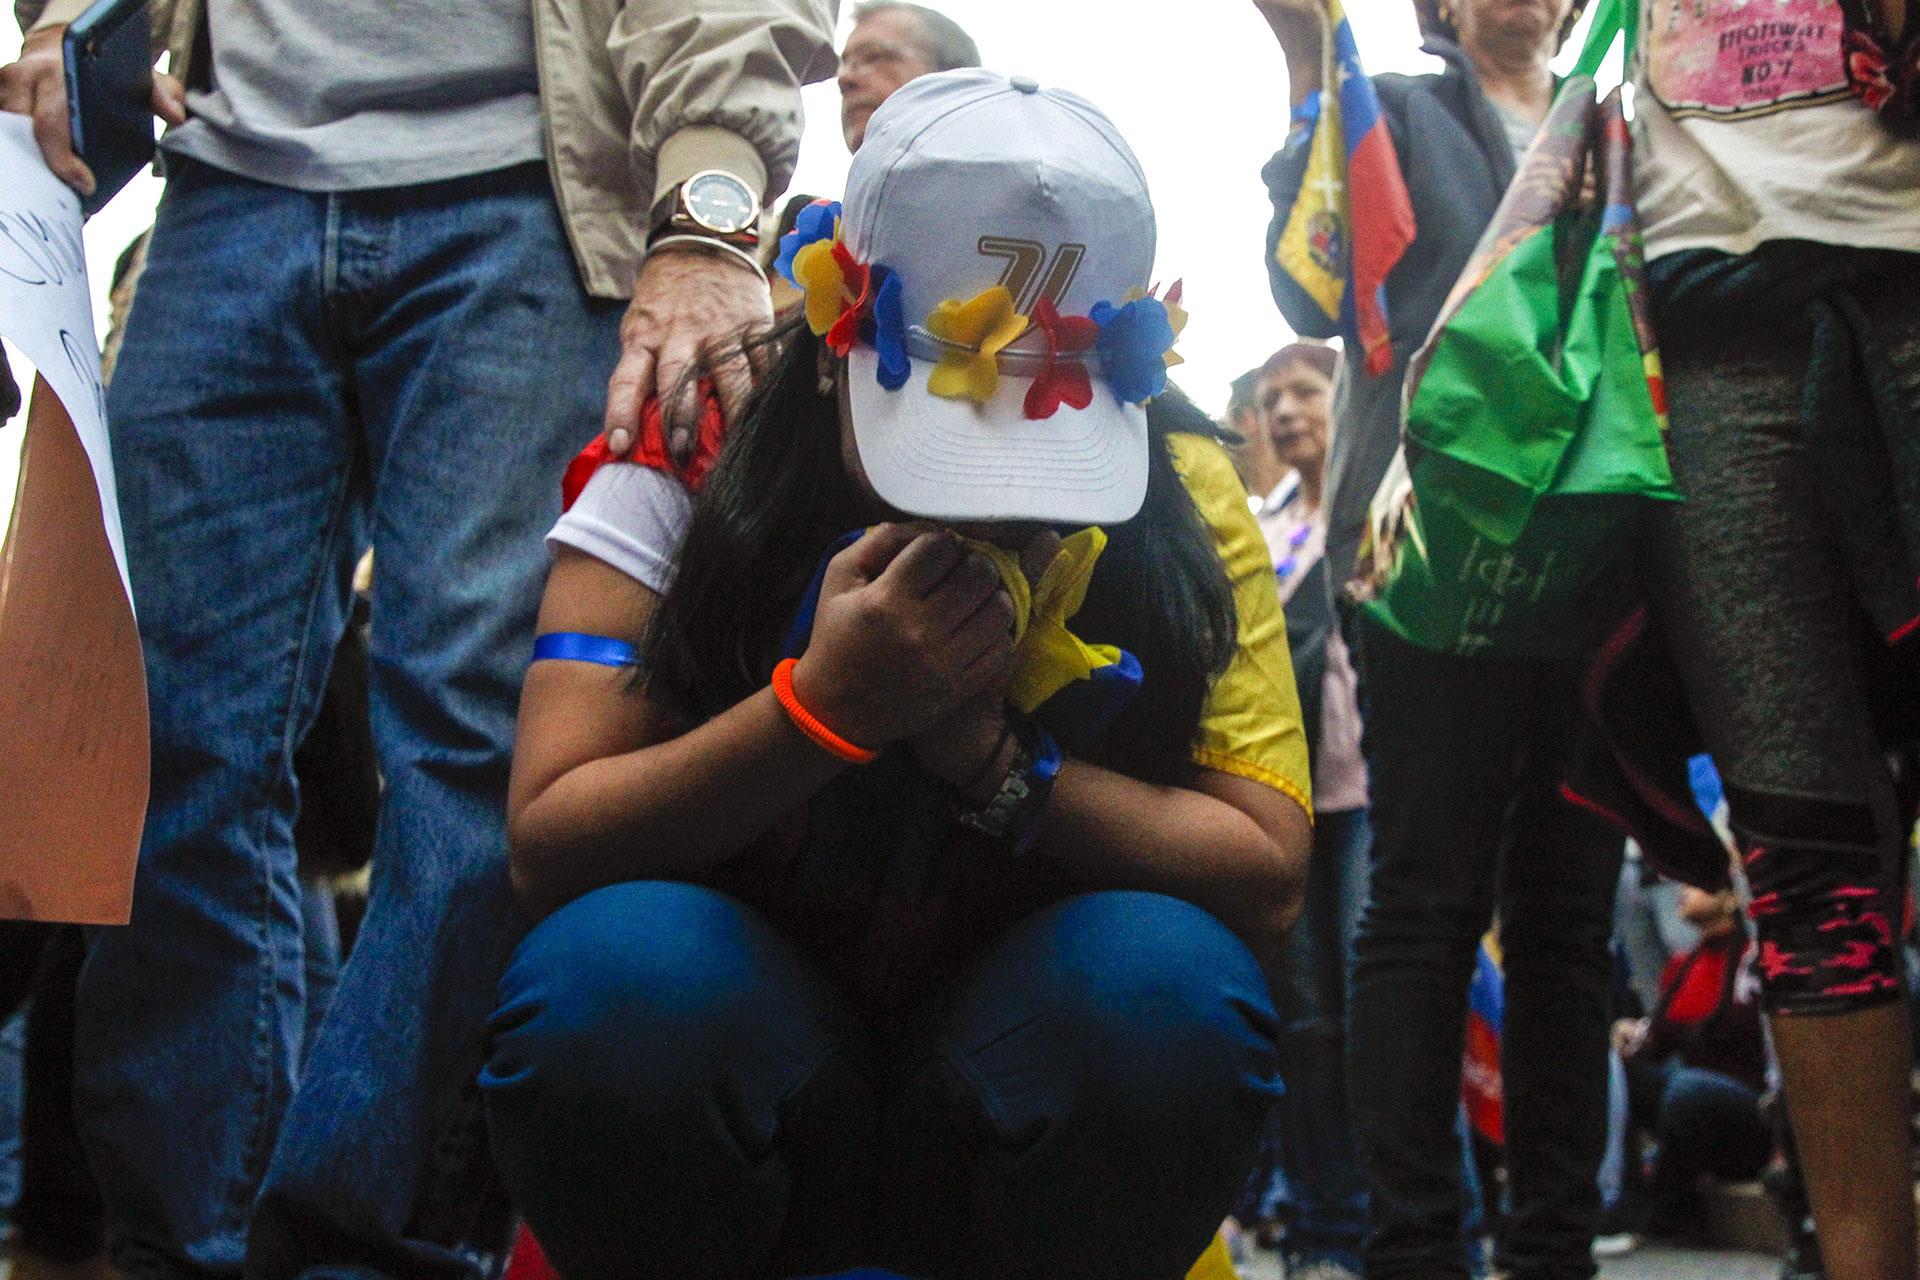 Alrededor de 500 personas cantaron el himno venezolano en plena plaza Baquedano de Santiago de Chile